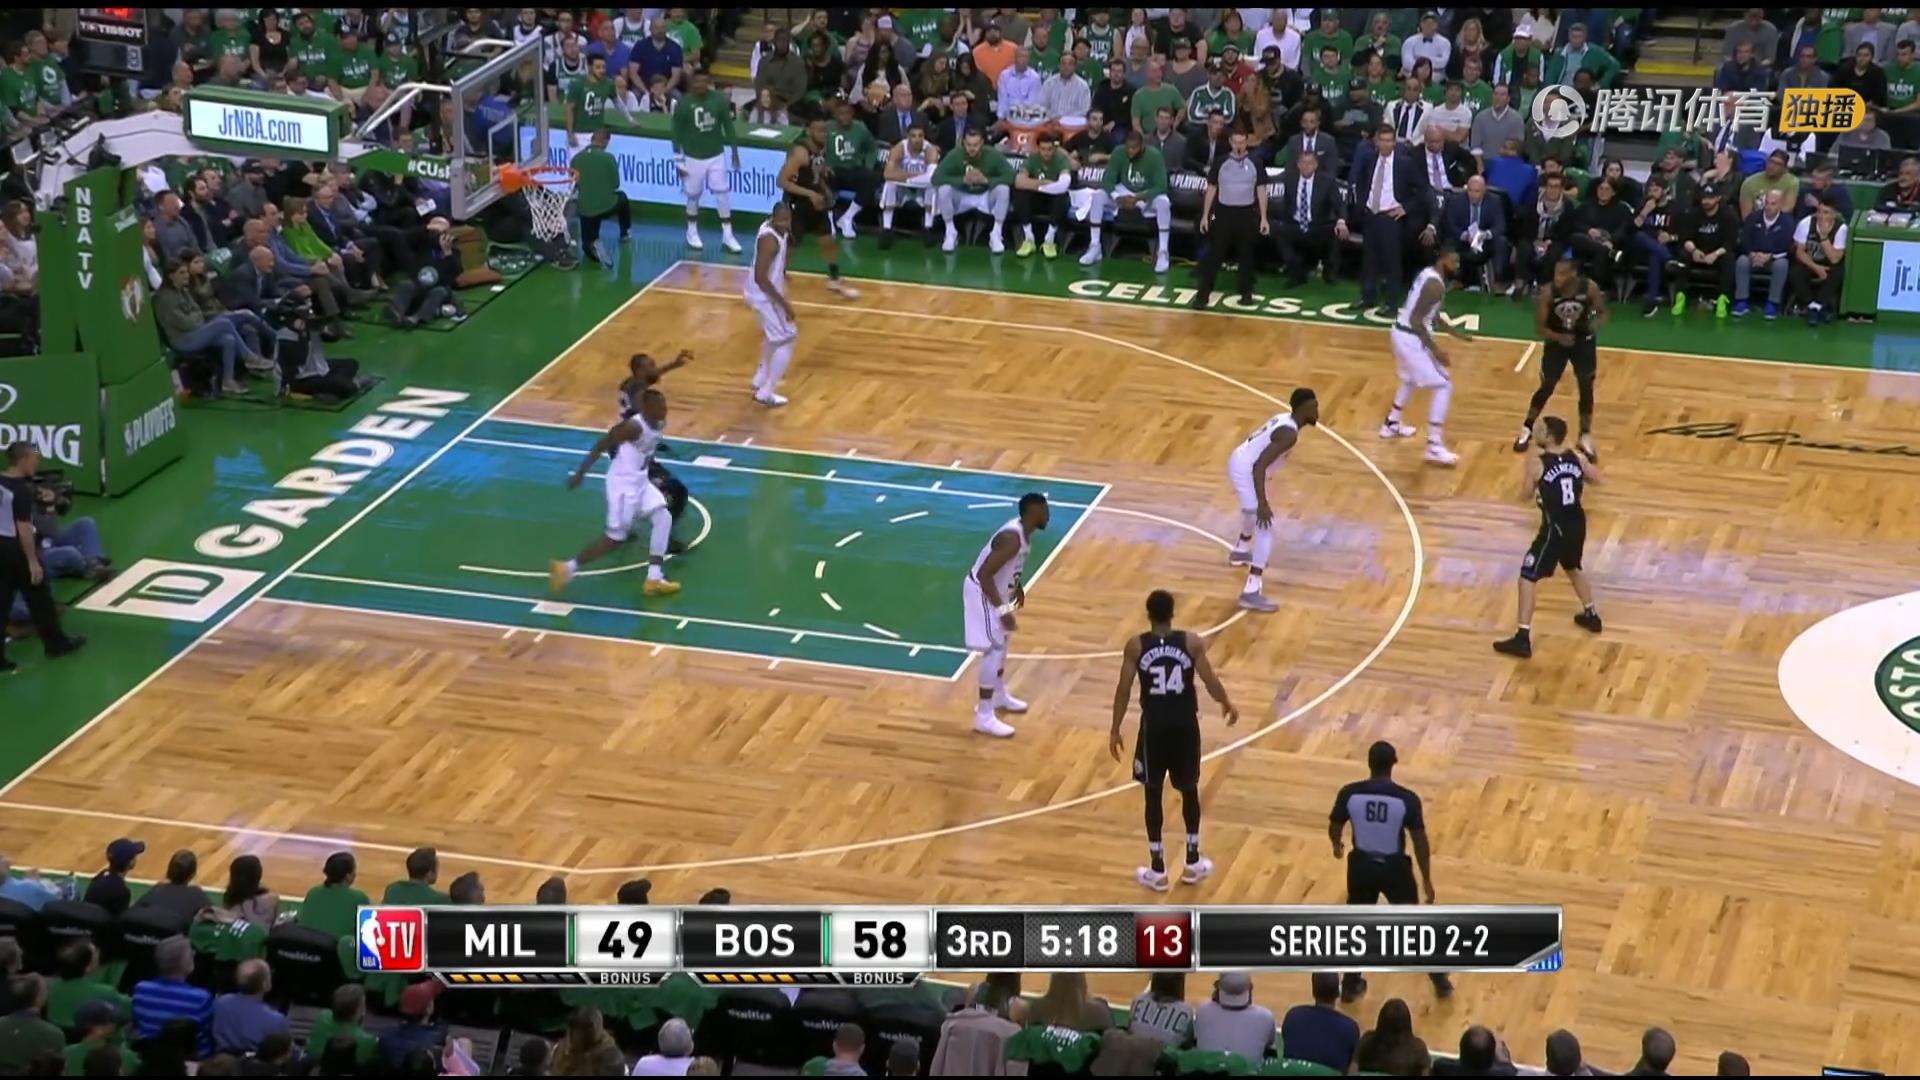 2018年4月25日 NBA季后赛东部首轮 凯尔特人VS雄鹿 第五场全场高清录像回放-麦豆网